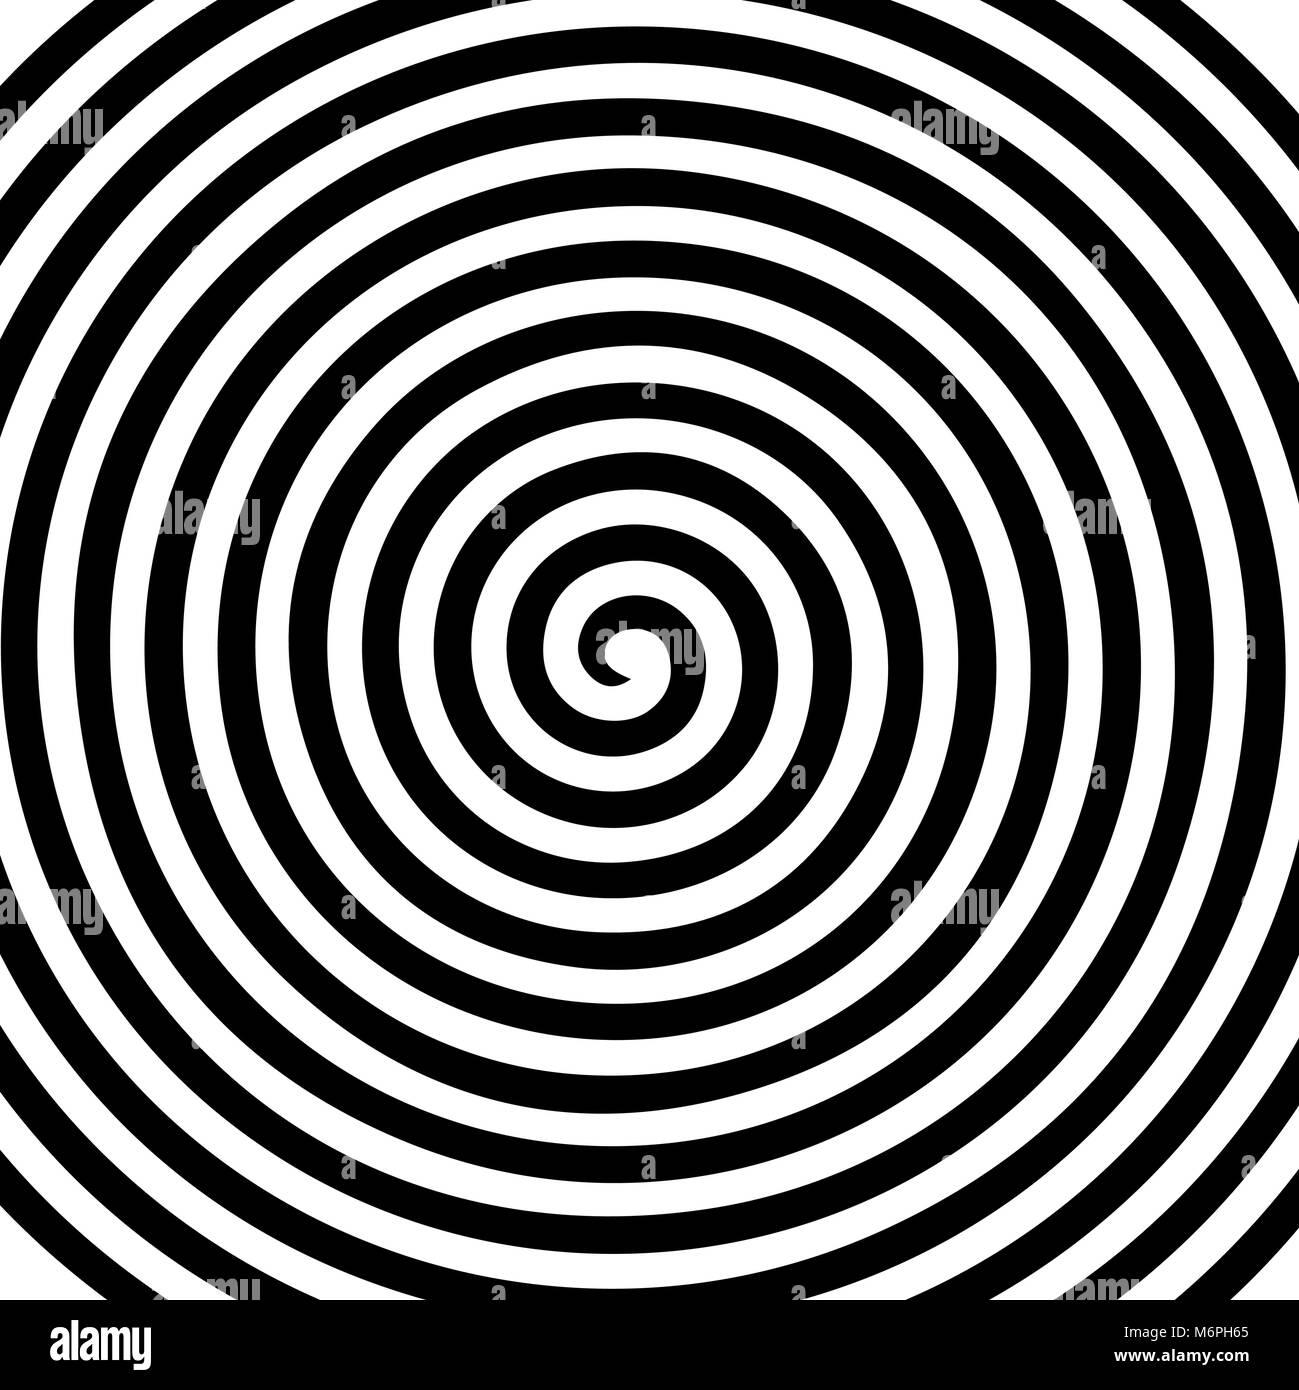 black white round abstract vortex hypnotic spiral wallpaper vector M6PH65